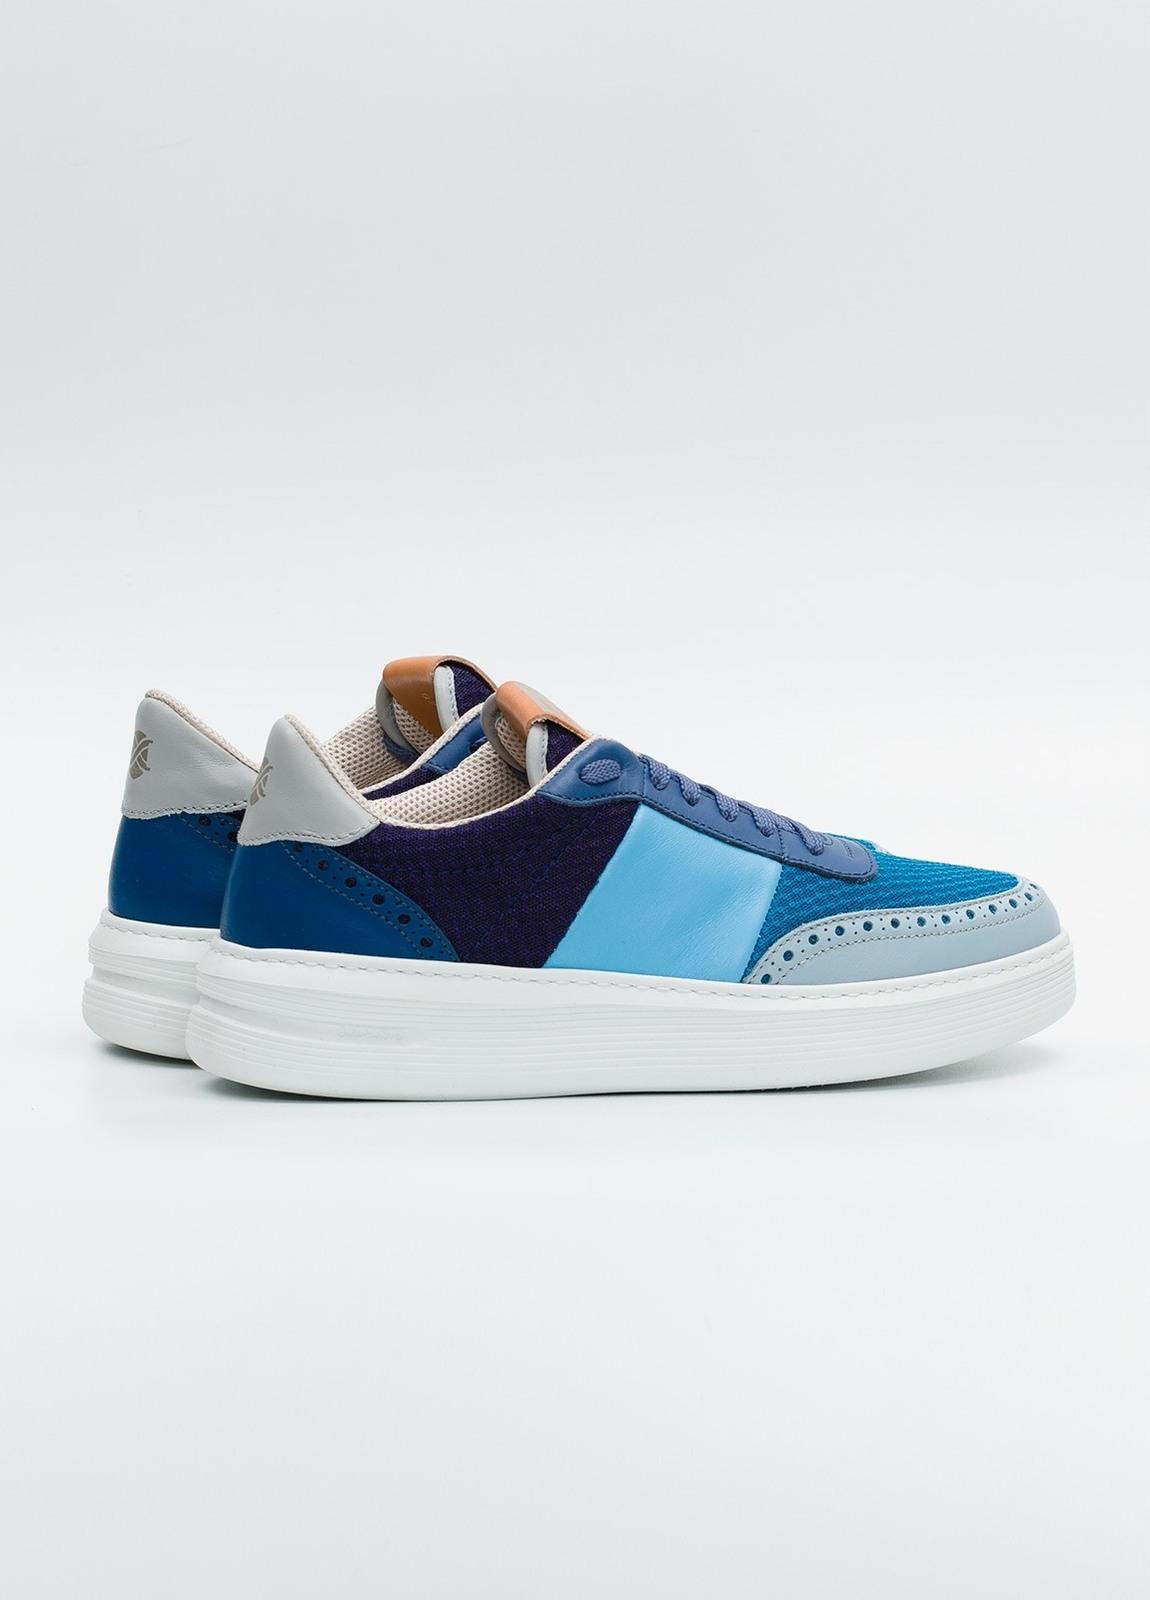 Calzado Sport color azul y marino, combinación de piel y malla. - Ítem3